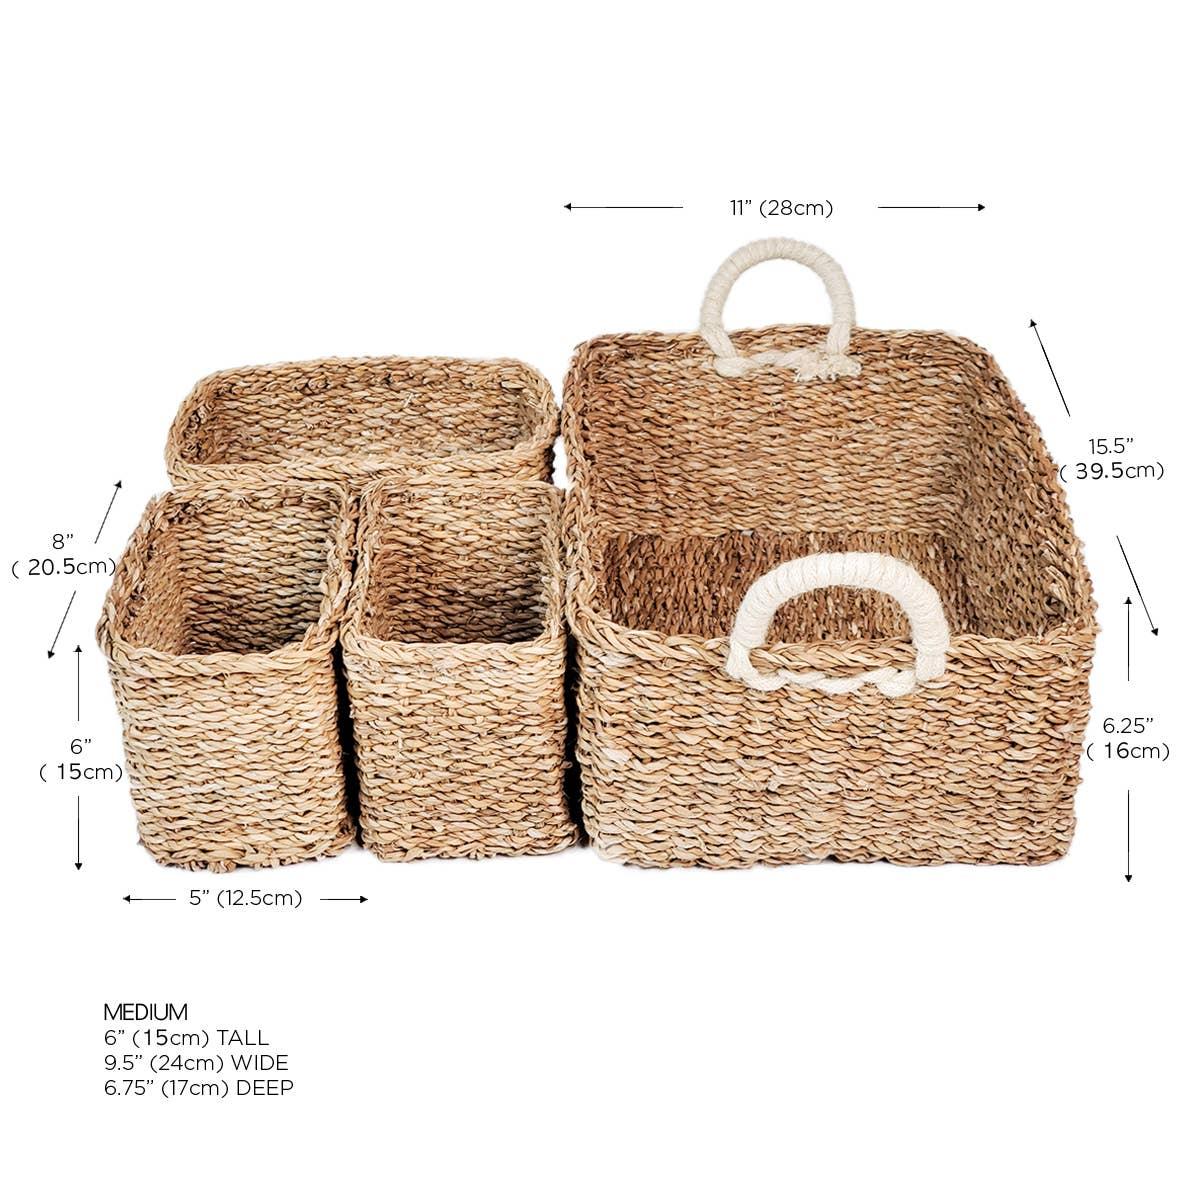 Savar Everything Basket | Trada Marketplace